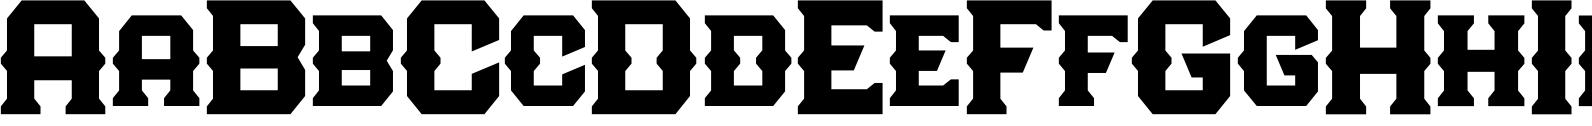 Barlock